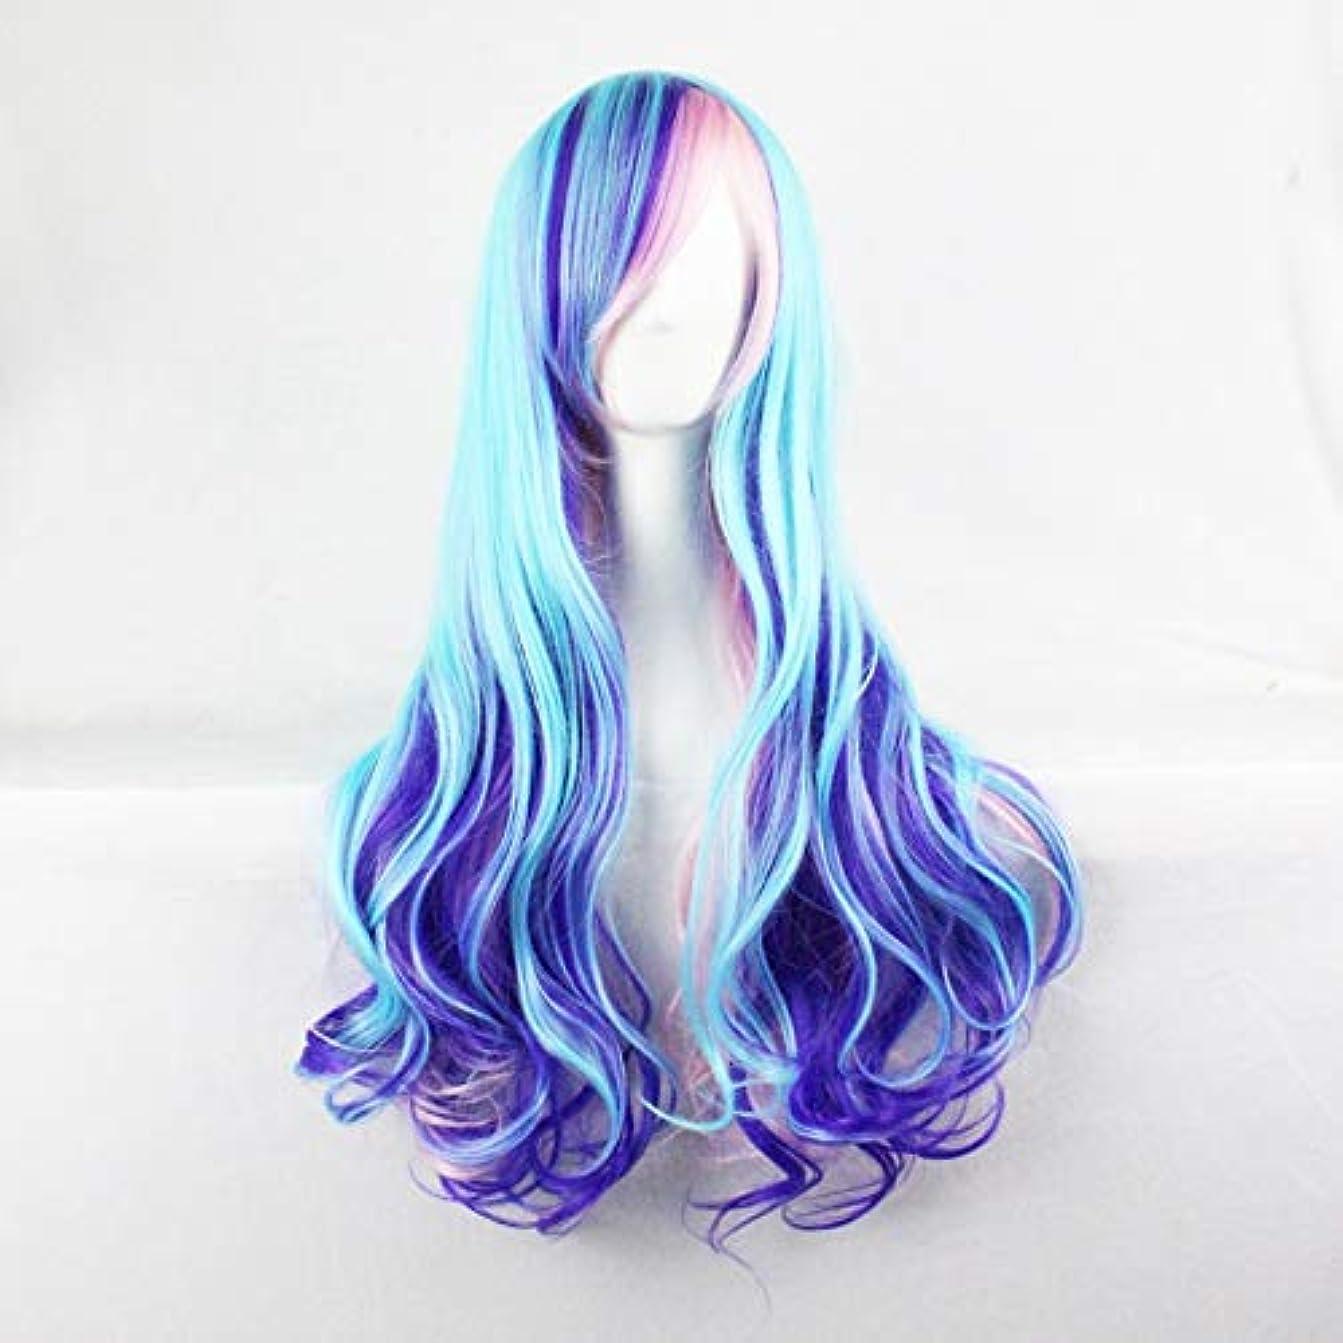 同一の好戦的な火山かつらキャップでかつらファンシードレスカールかつら女性用高品質合成毛髪コスプレ高密度かつら女性&女の子ブルー、ピンク、パープル (Color : 青)